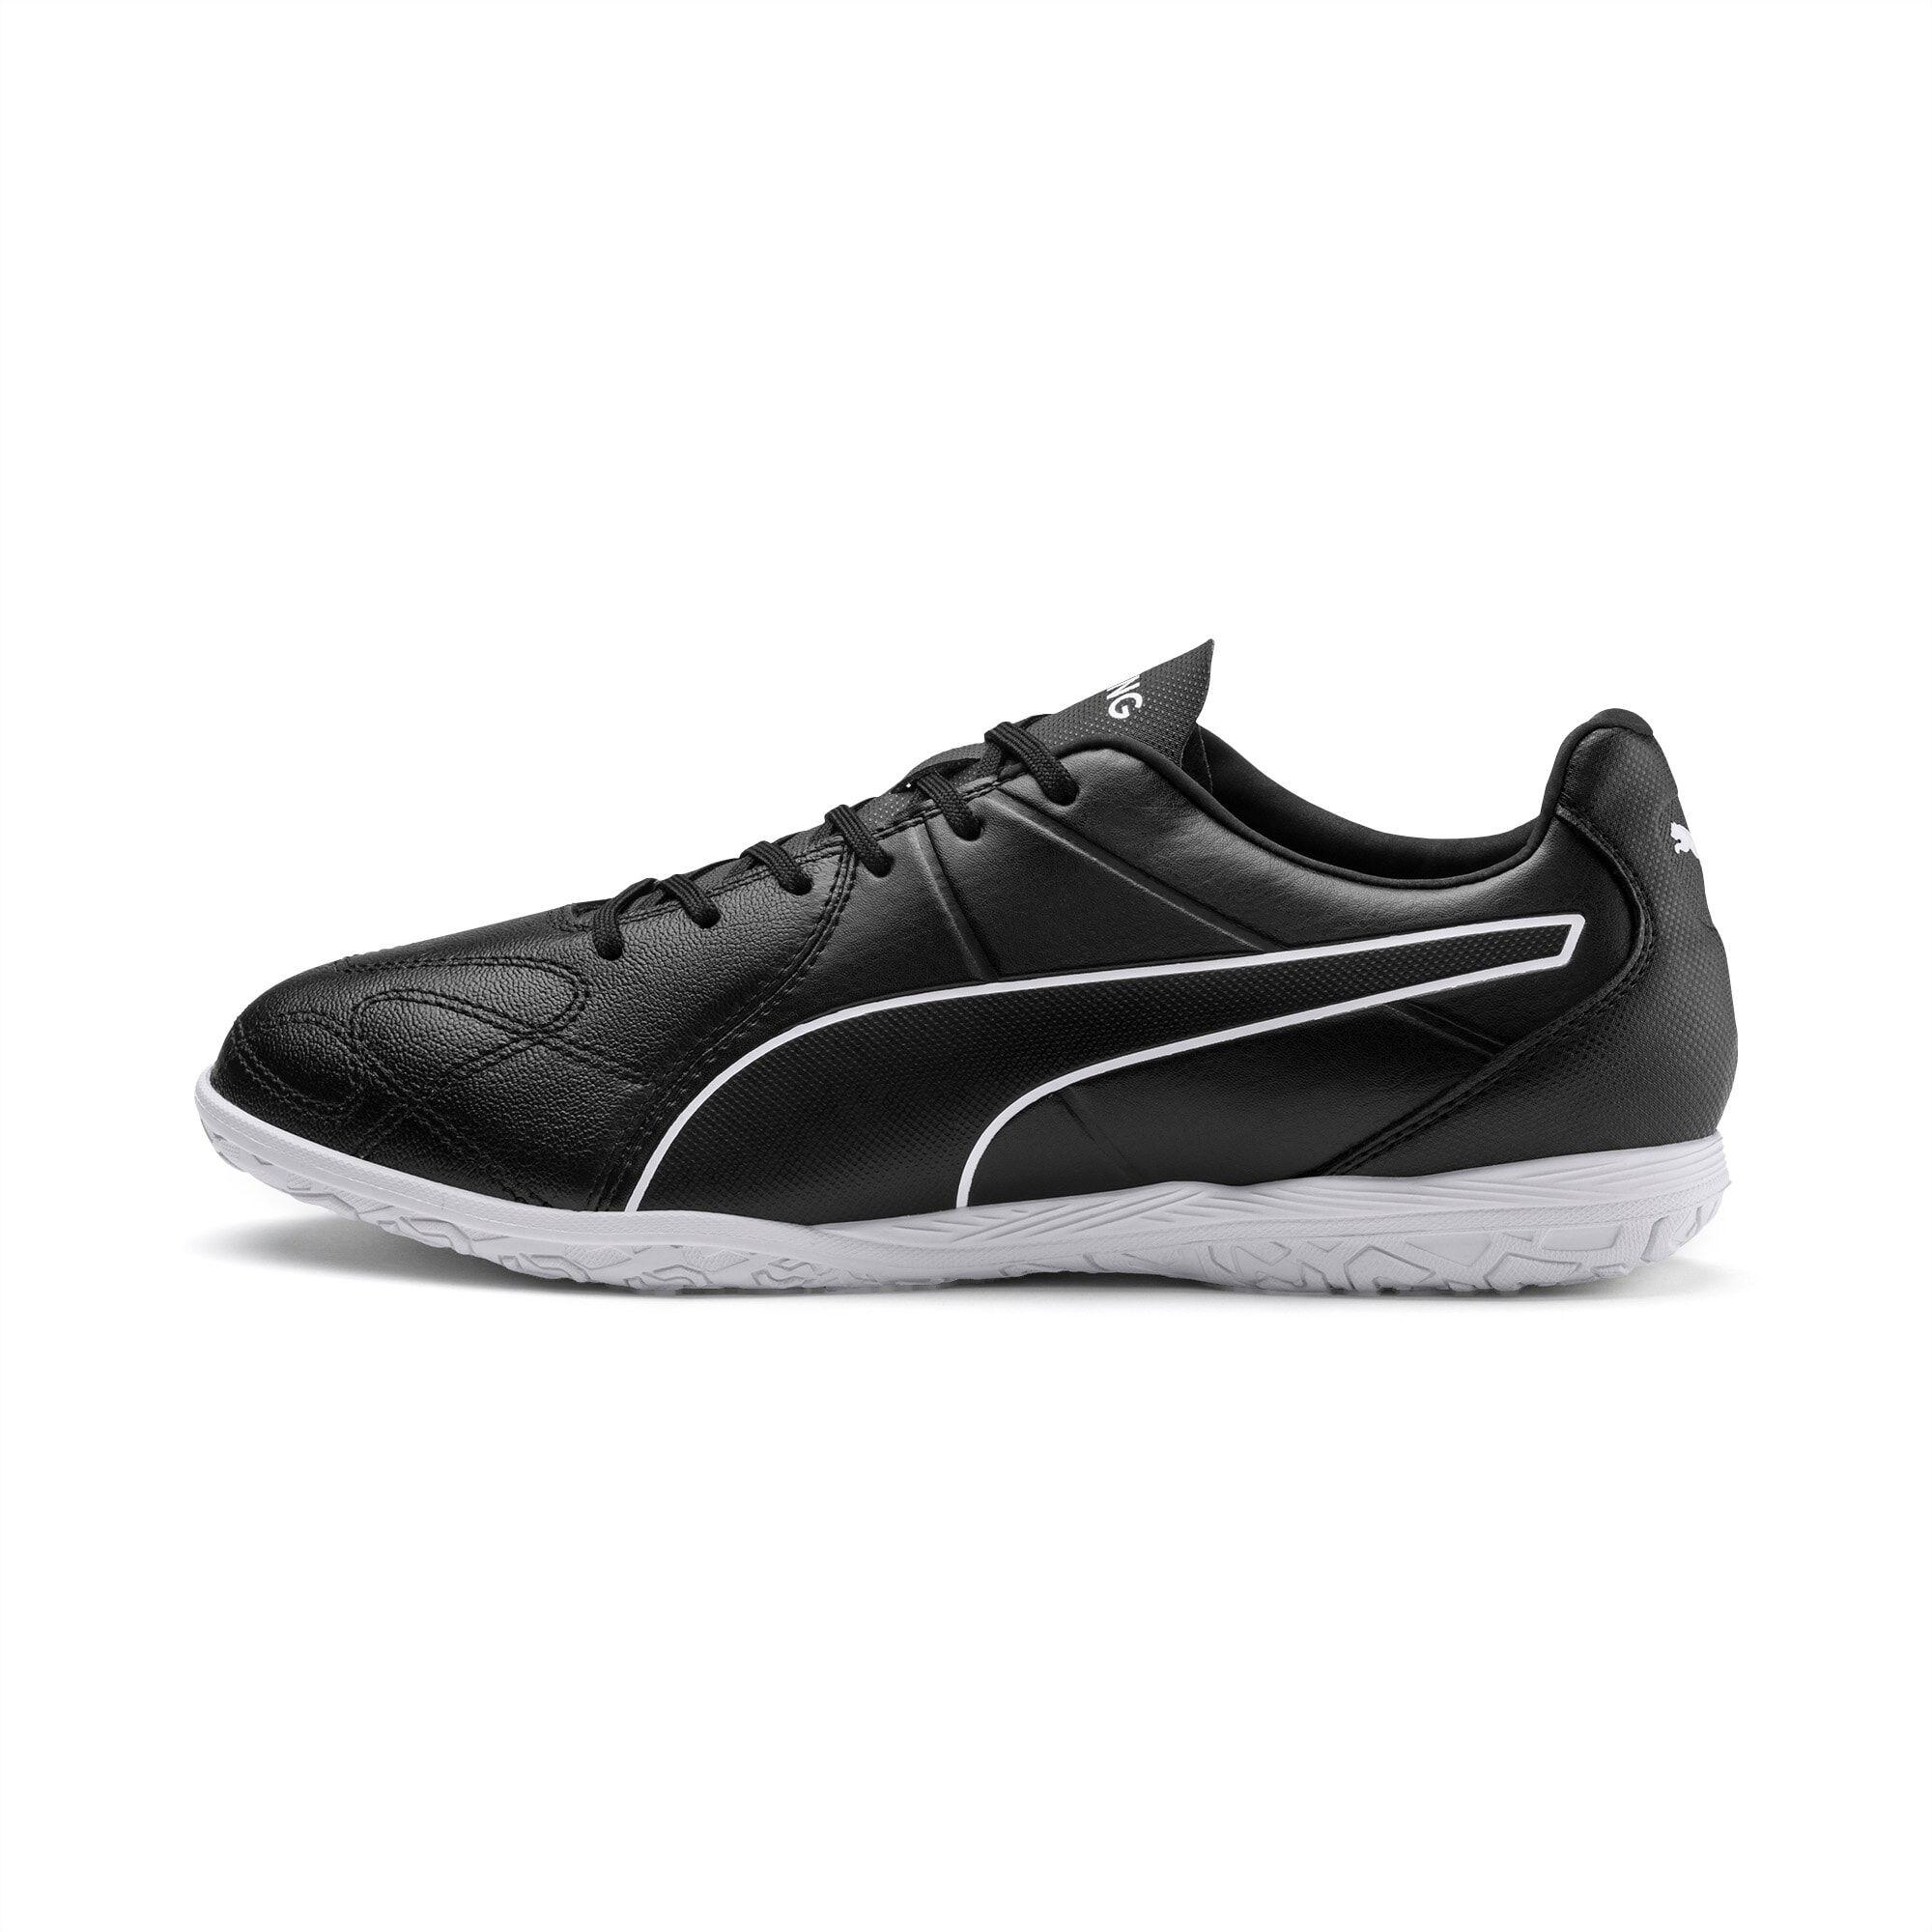 PUMA Chaussure de foot KING Hero IT, Noir/Blanc, Taille 44, Accessoires